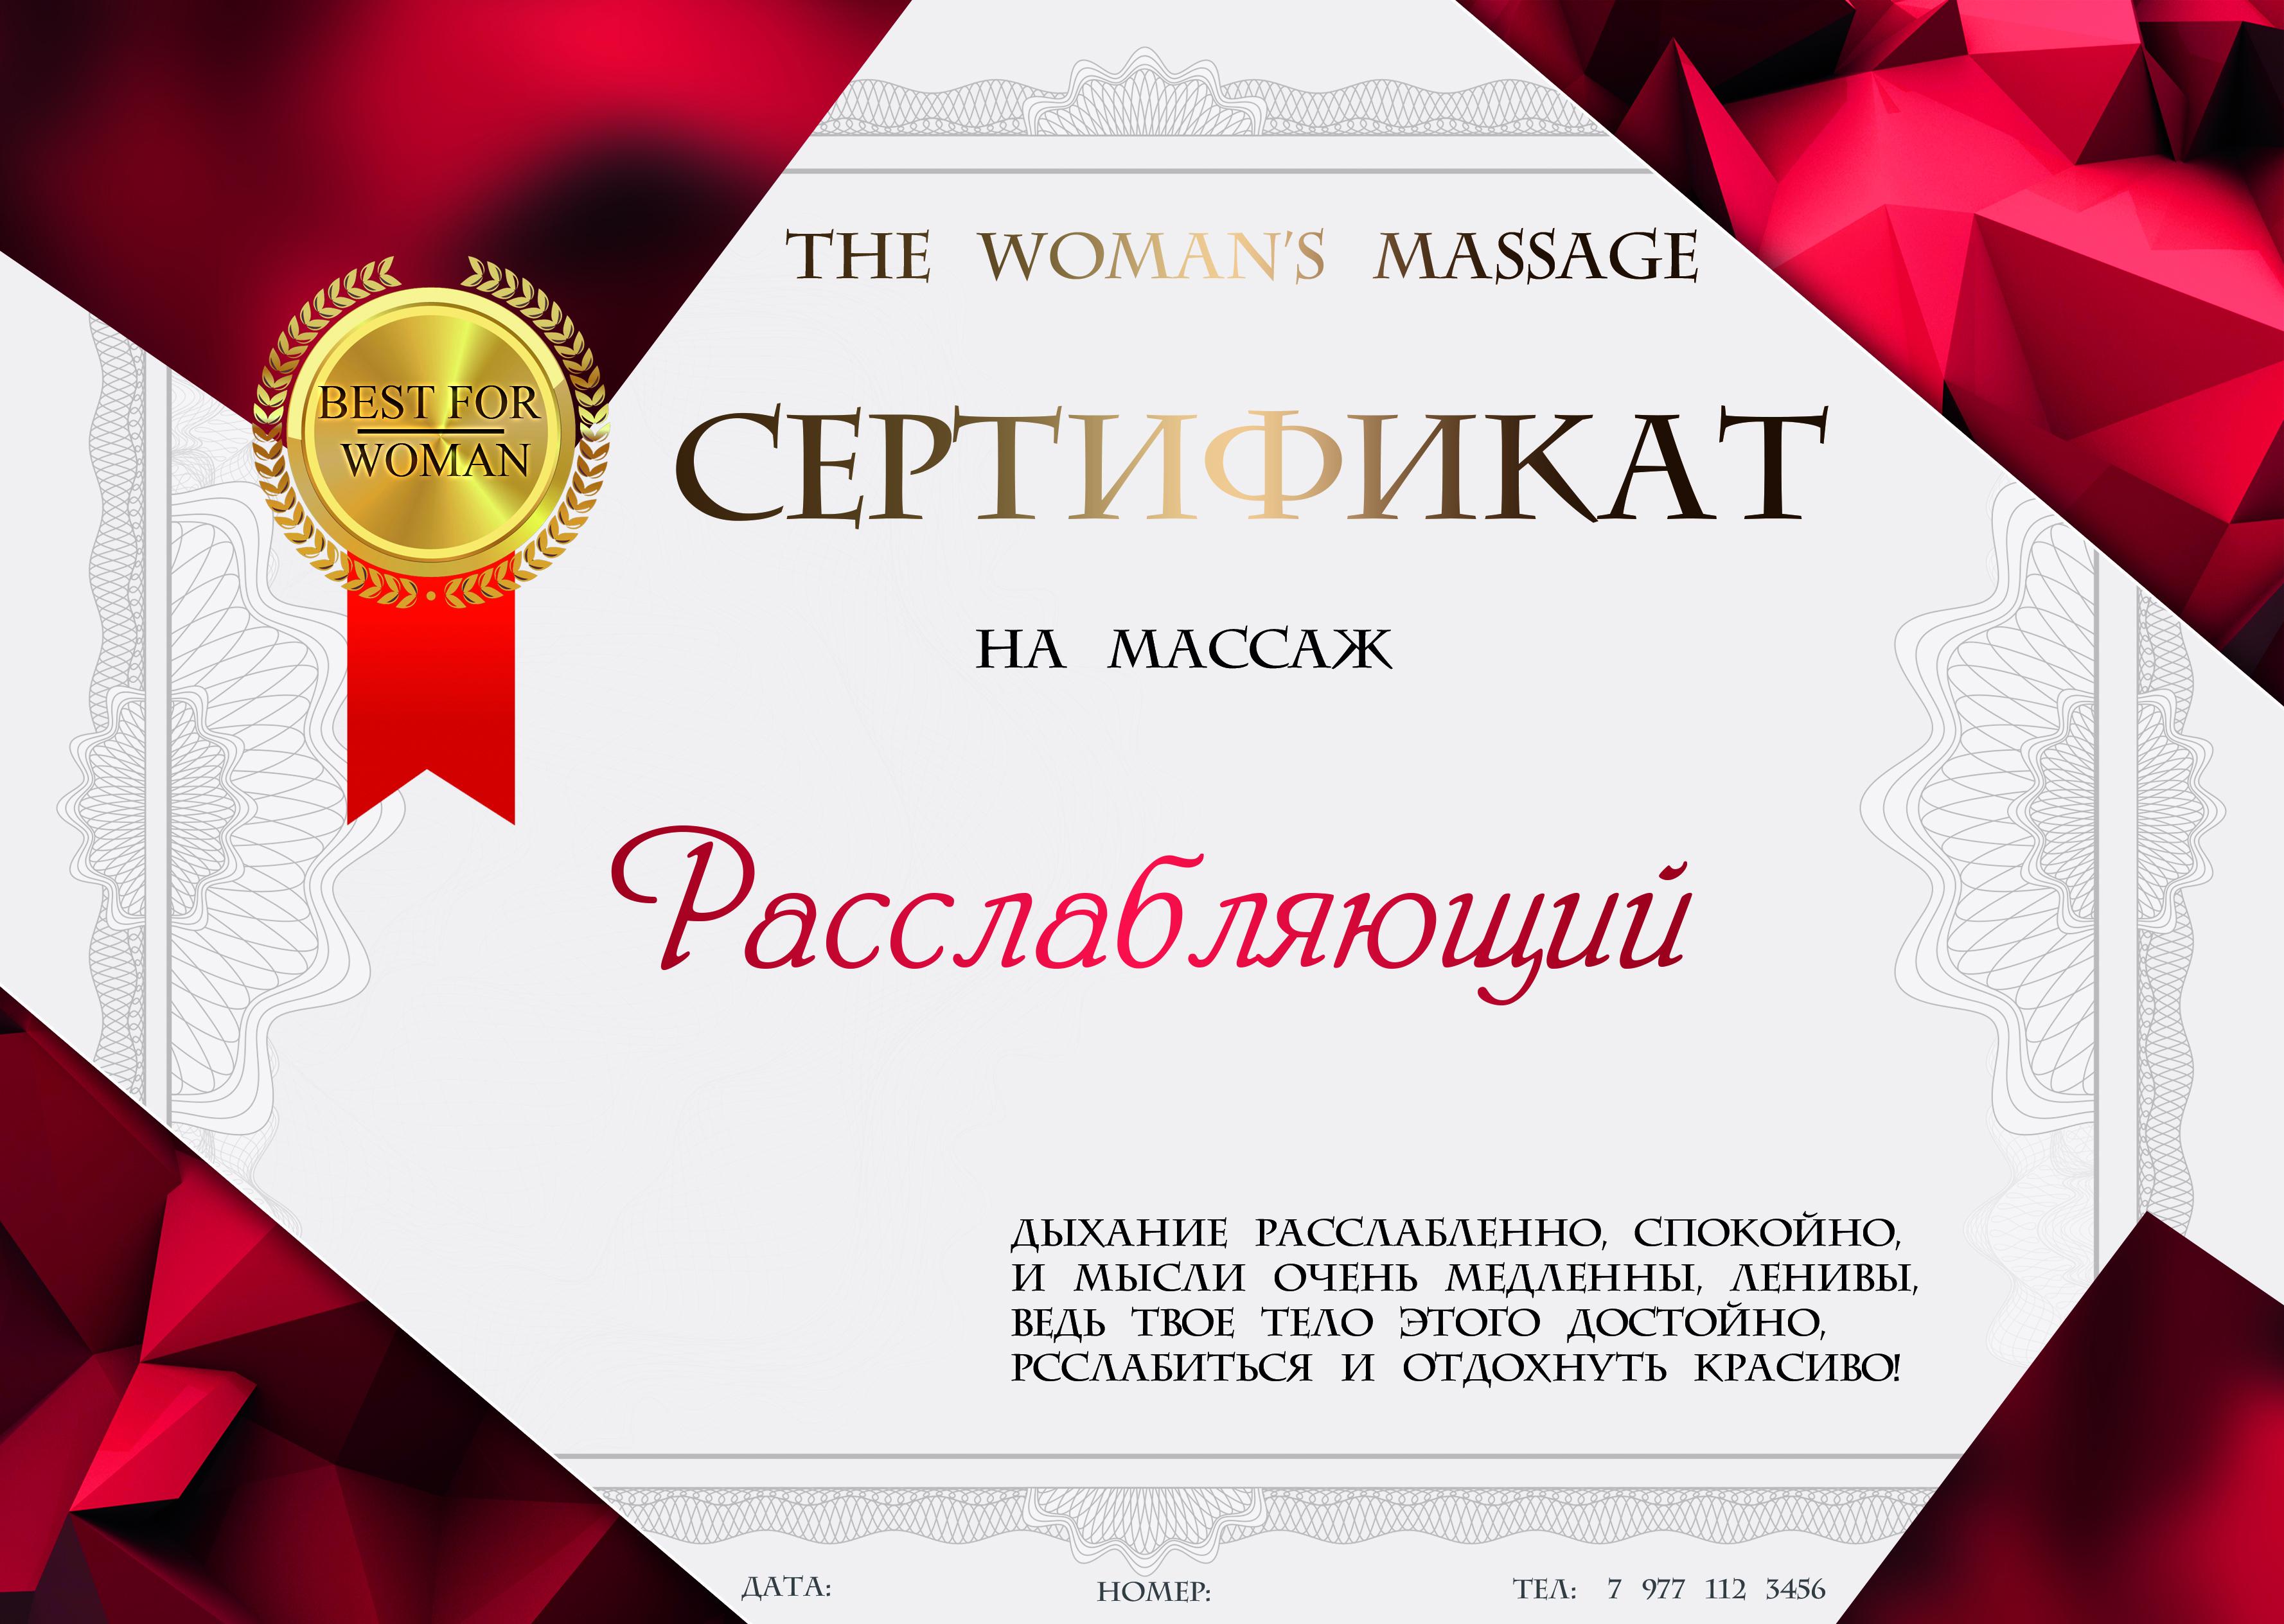 Поздравление с днем рождения в виде сертификата на массаж